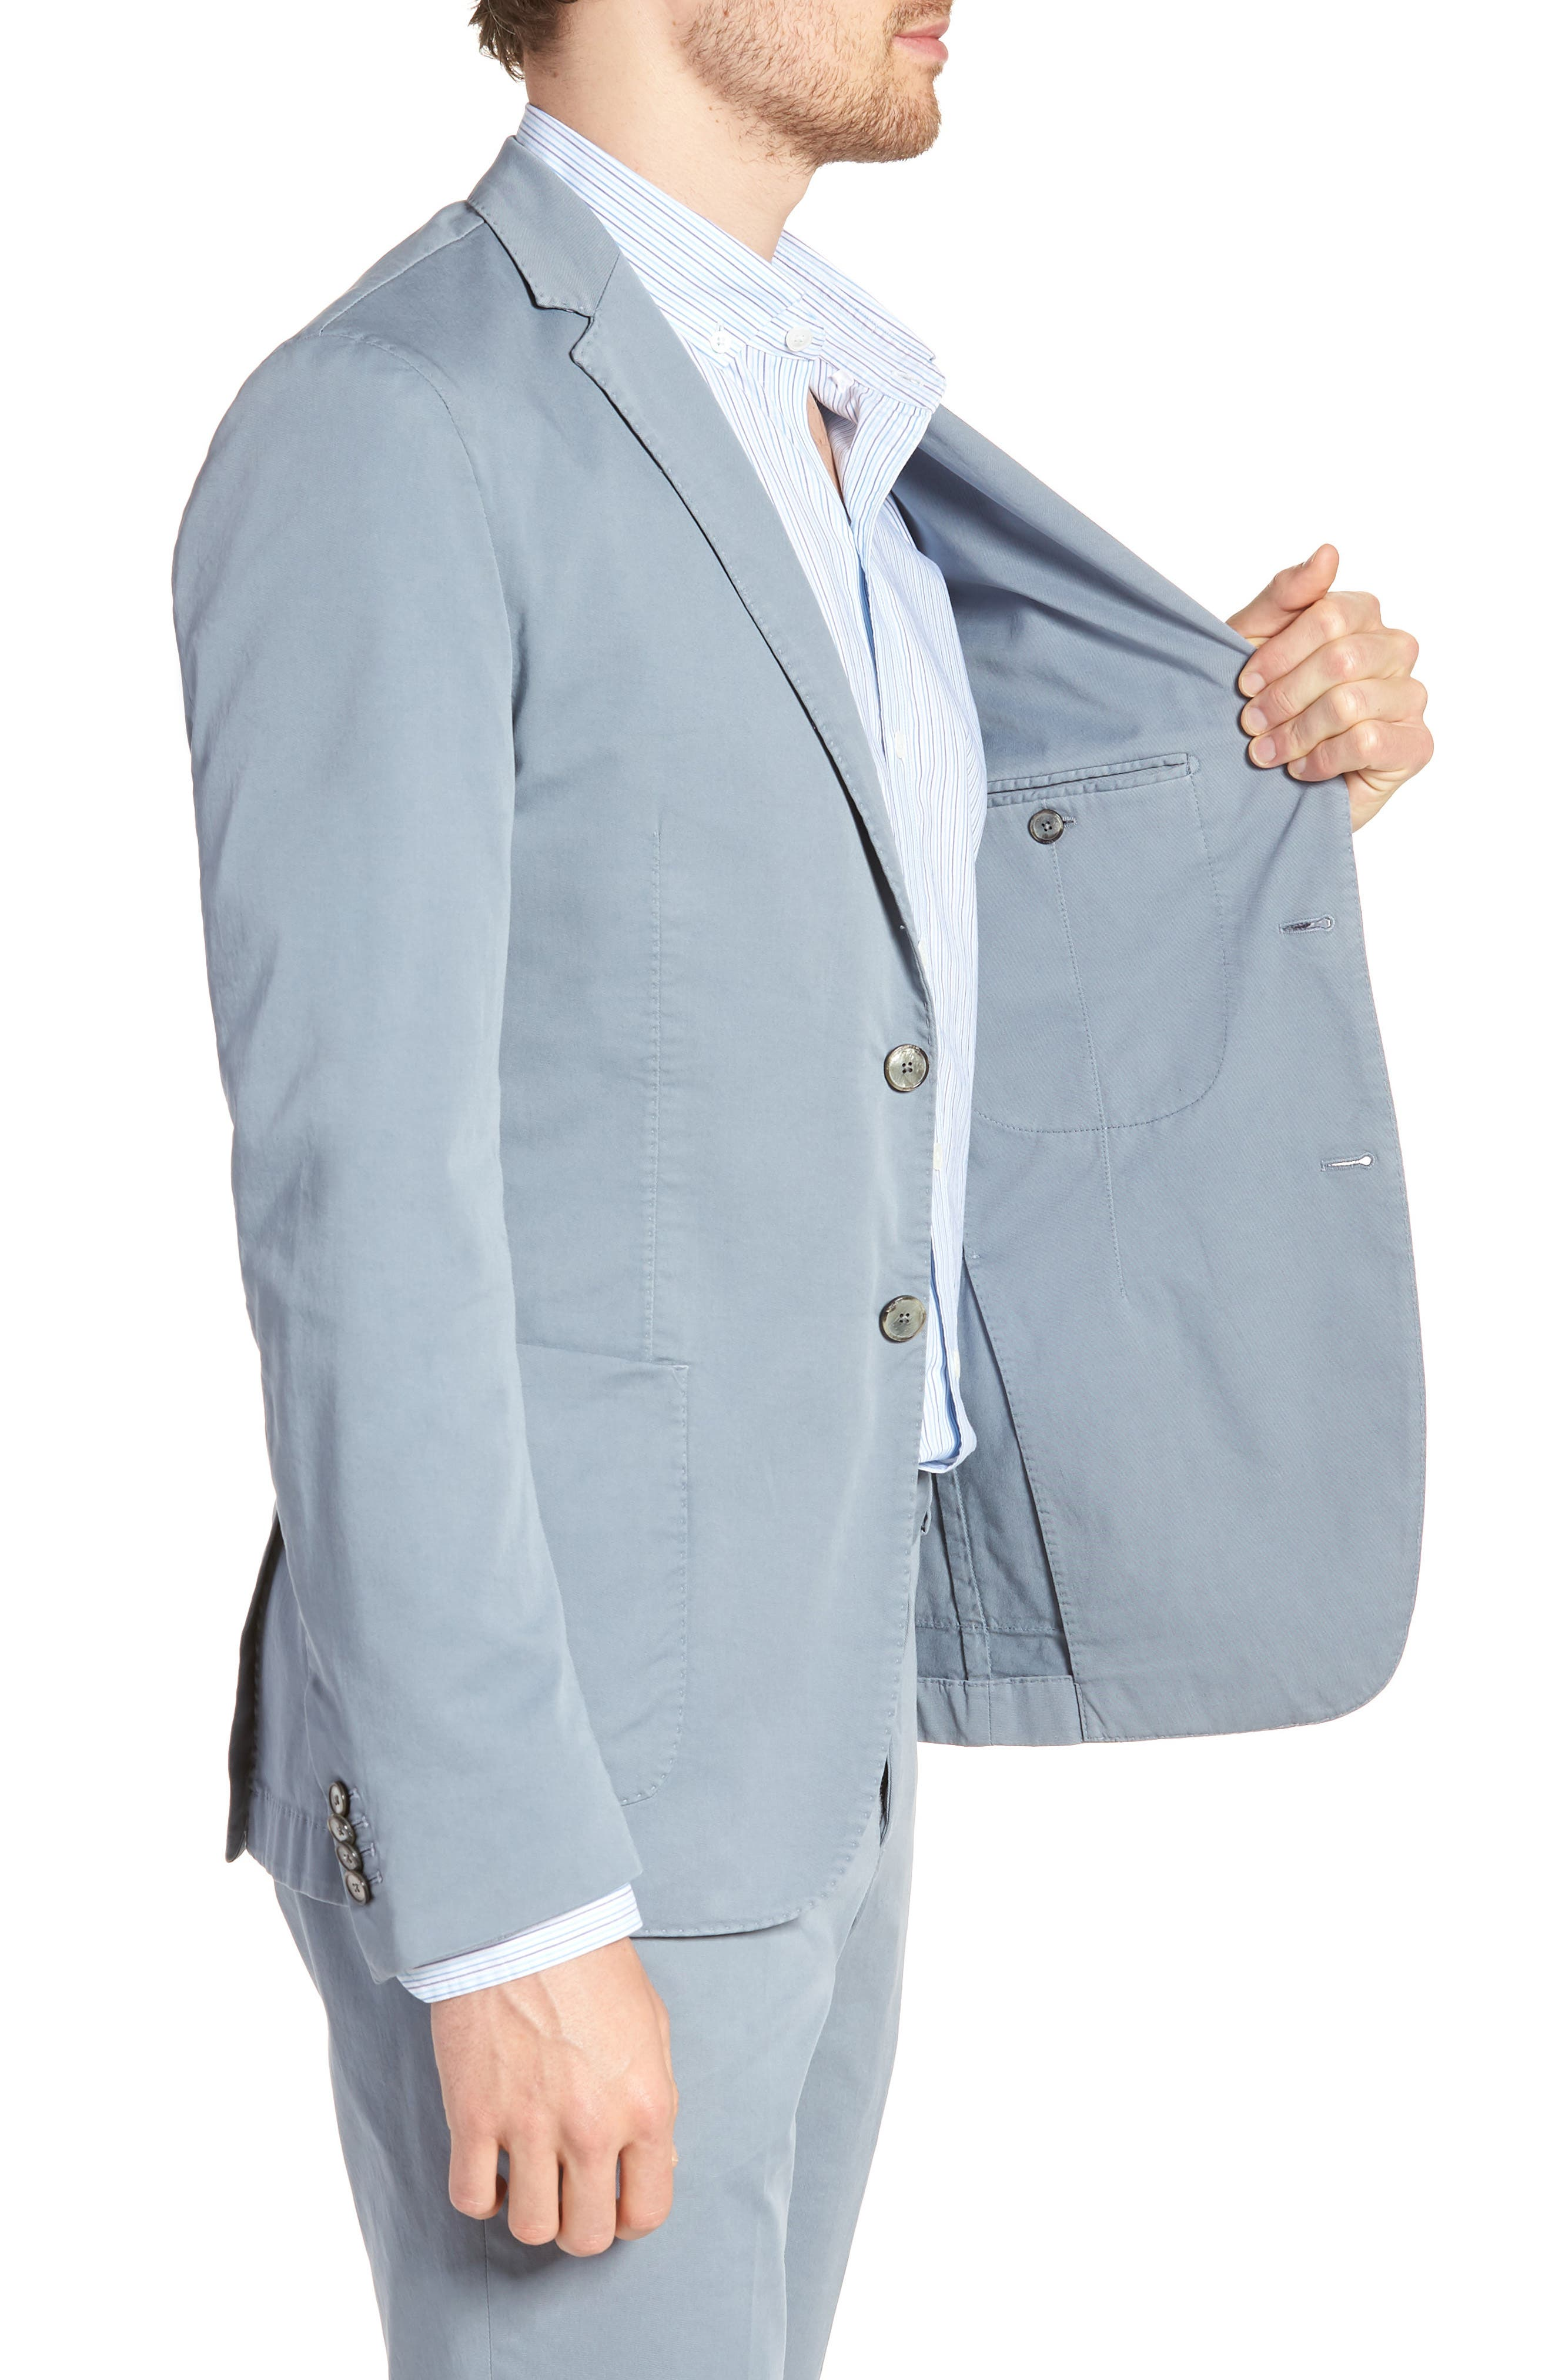 Hanry-D Trim Fit Stretch Cotton Blazer,                             Alternate thumbnail 3, color,                             BLUE